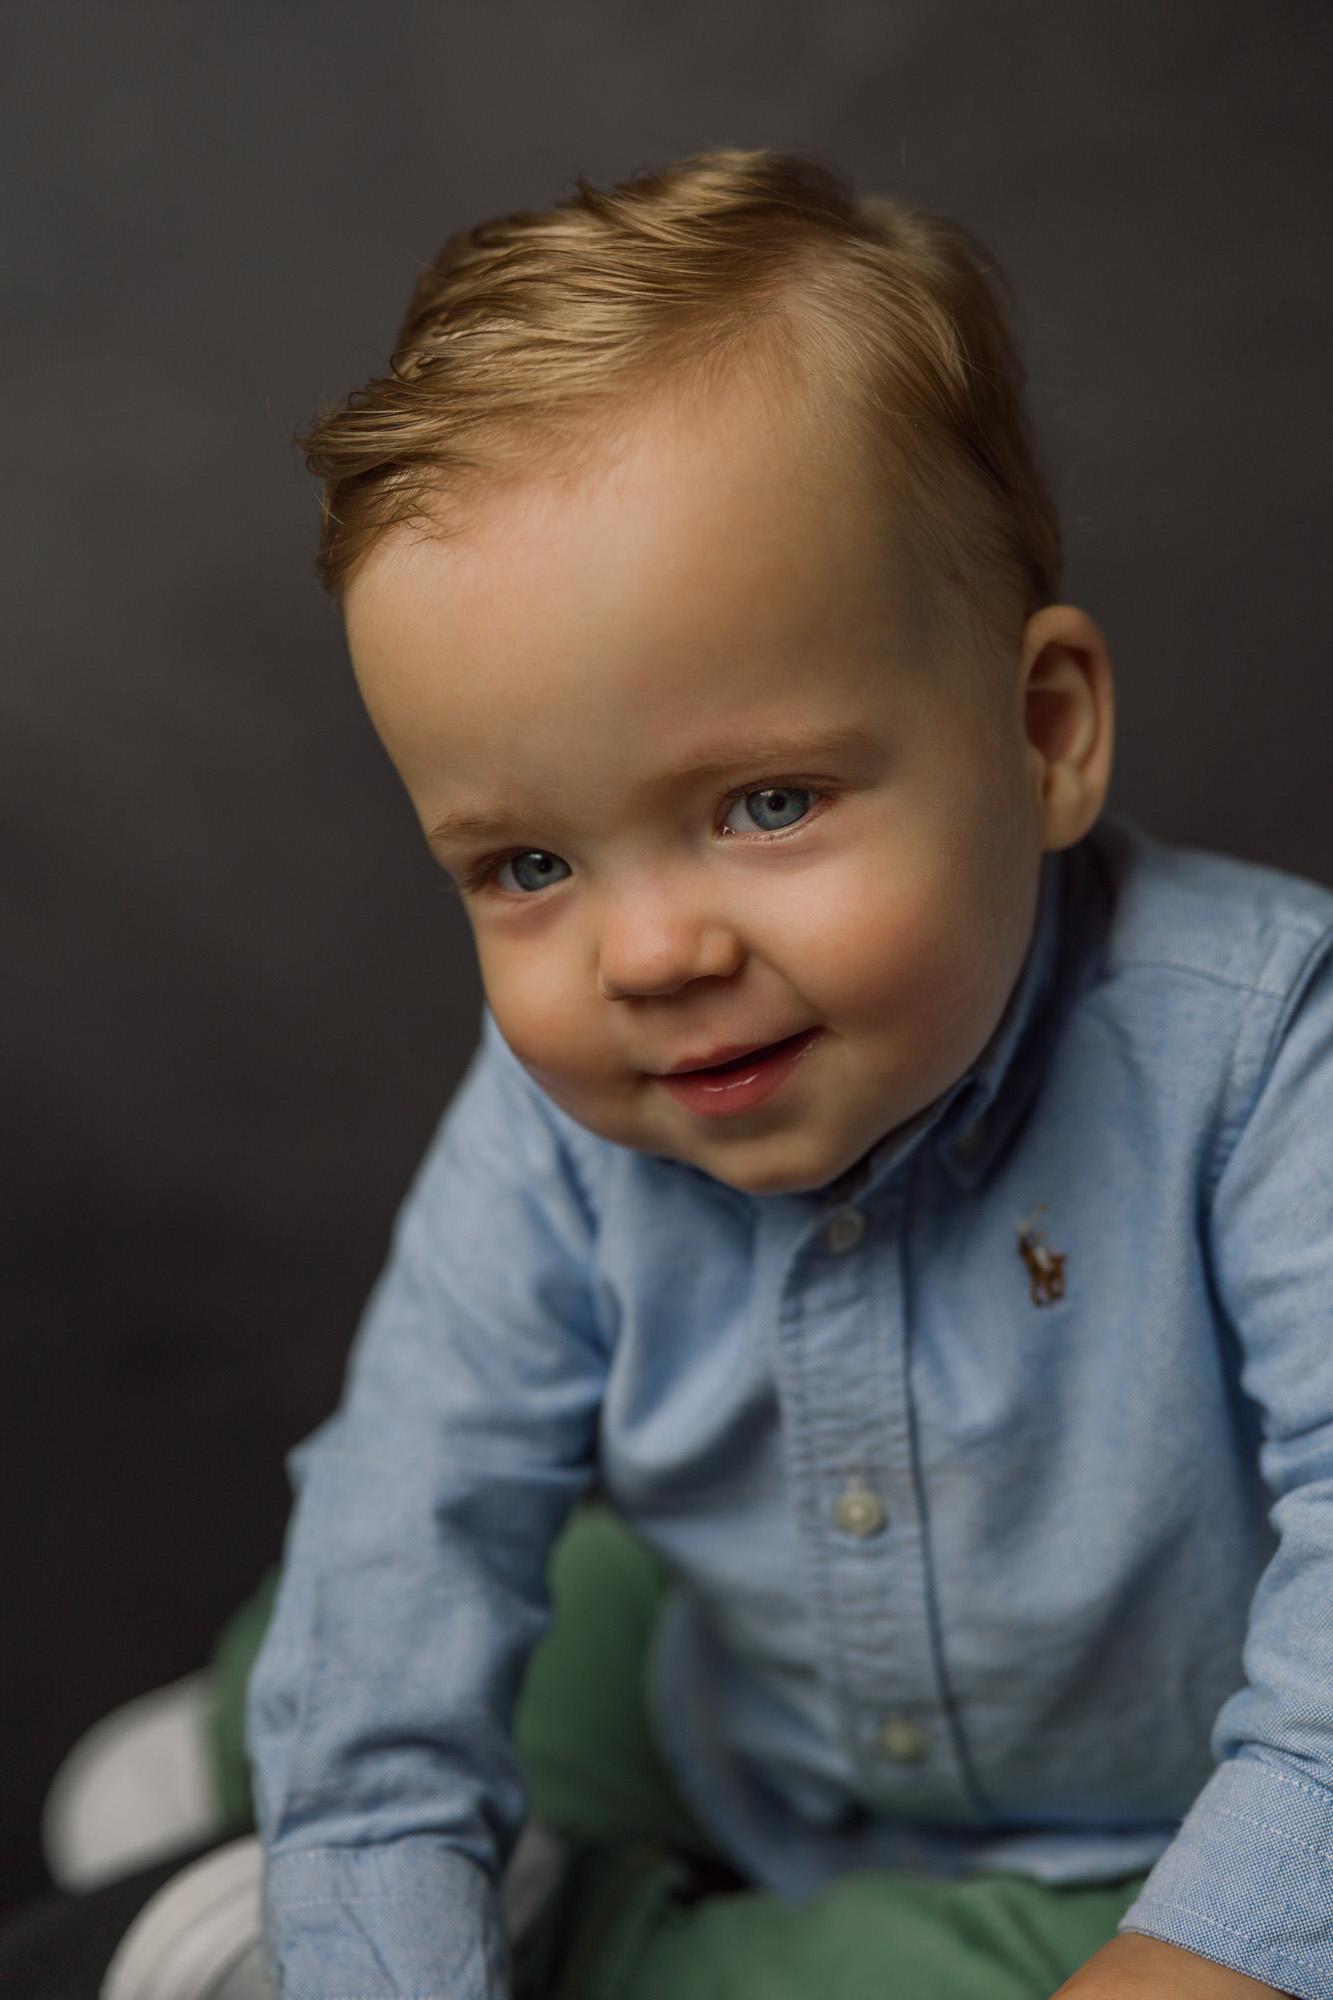 Kinder portret met natuurlijk licht in daglicht fotostudio door Mayra Fotografie